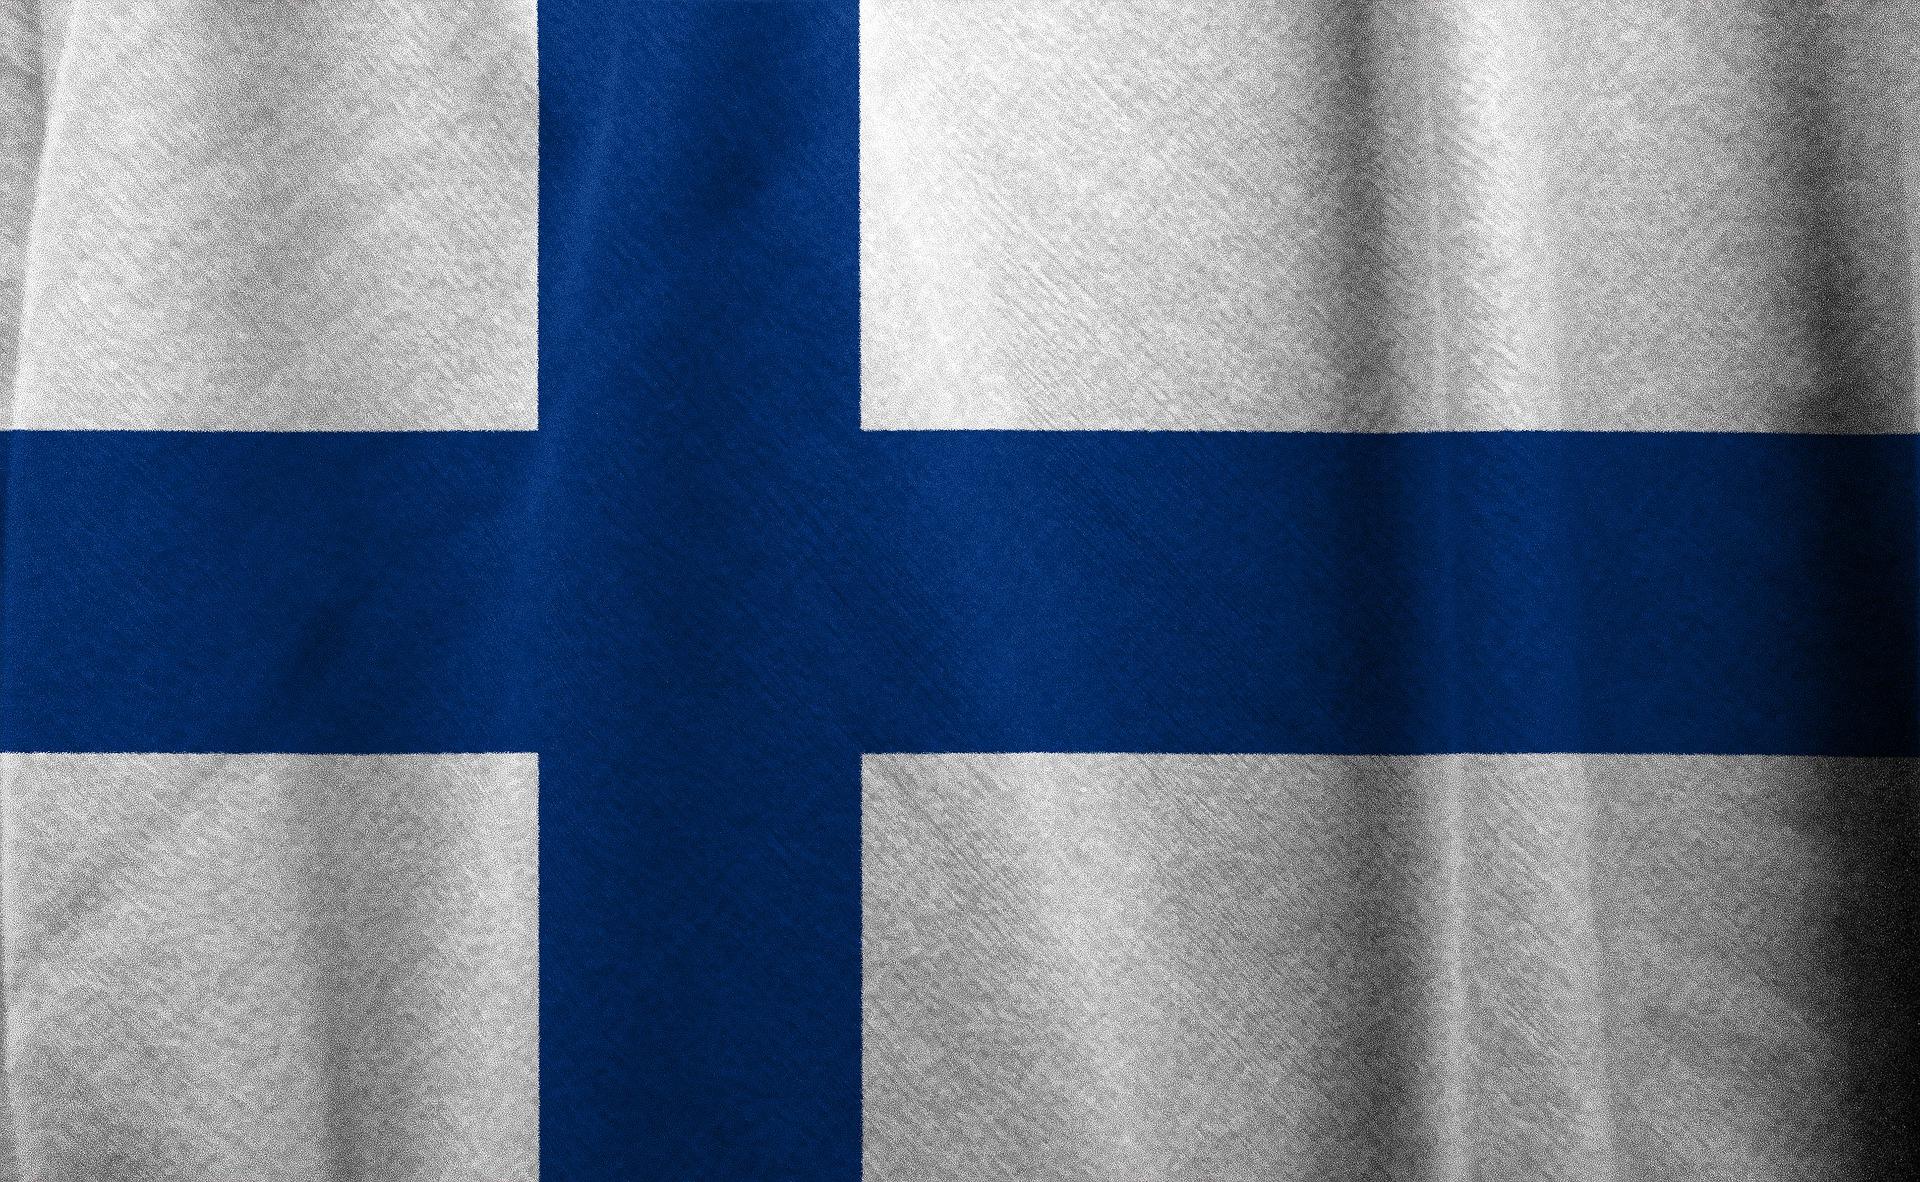 DALL'AUTORITA' PER LA PROTEZIONE DEI DATI DELLA FINLANDIA: Linee Guida Del Comitato Europeo Per La Protezione Dei Dati Su Un Codice Di Condotta Come Strumento Per La Trasmissione Dei Dati, Assistenti Vocali Virtuali E Definizioni Di Titolare E Responsabile Del Trattamento